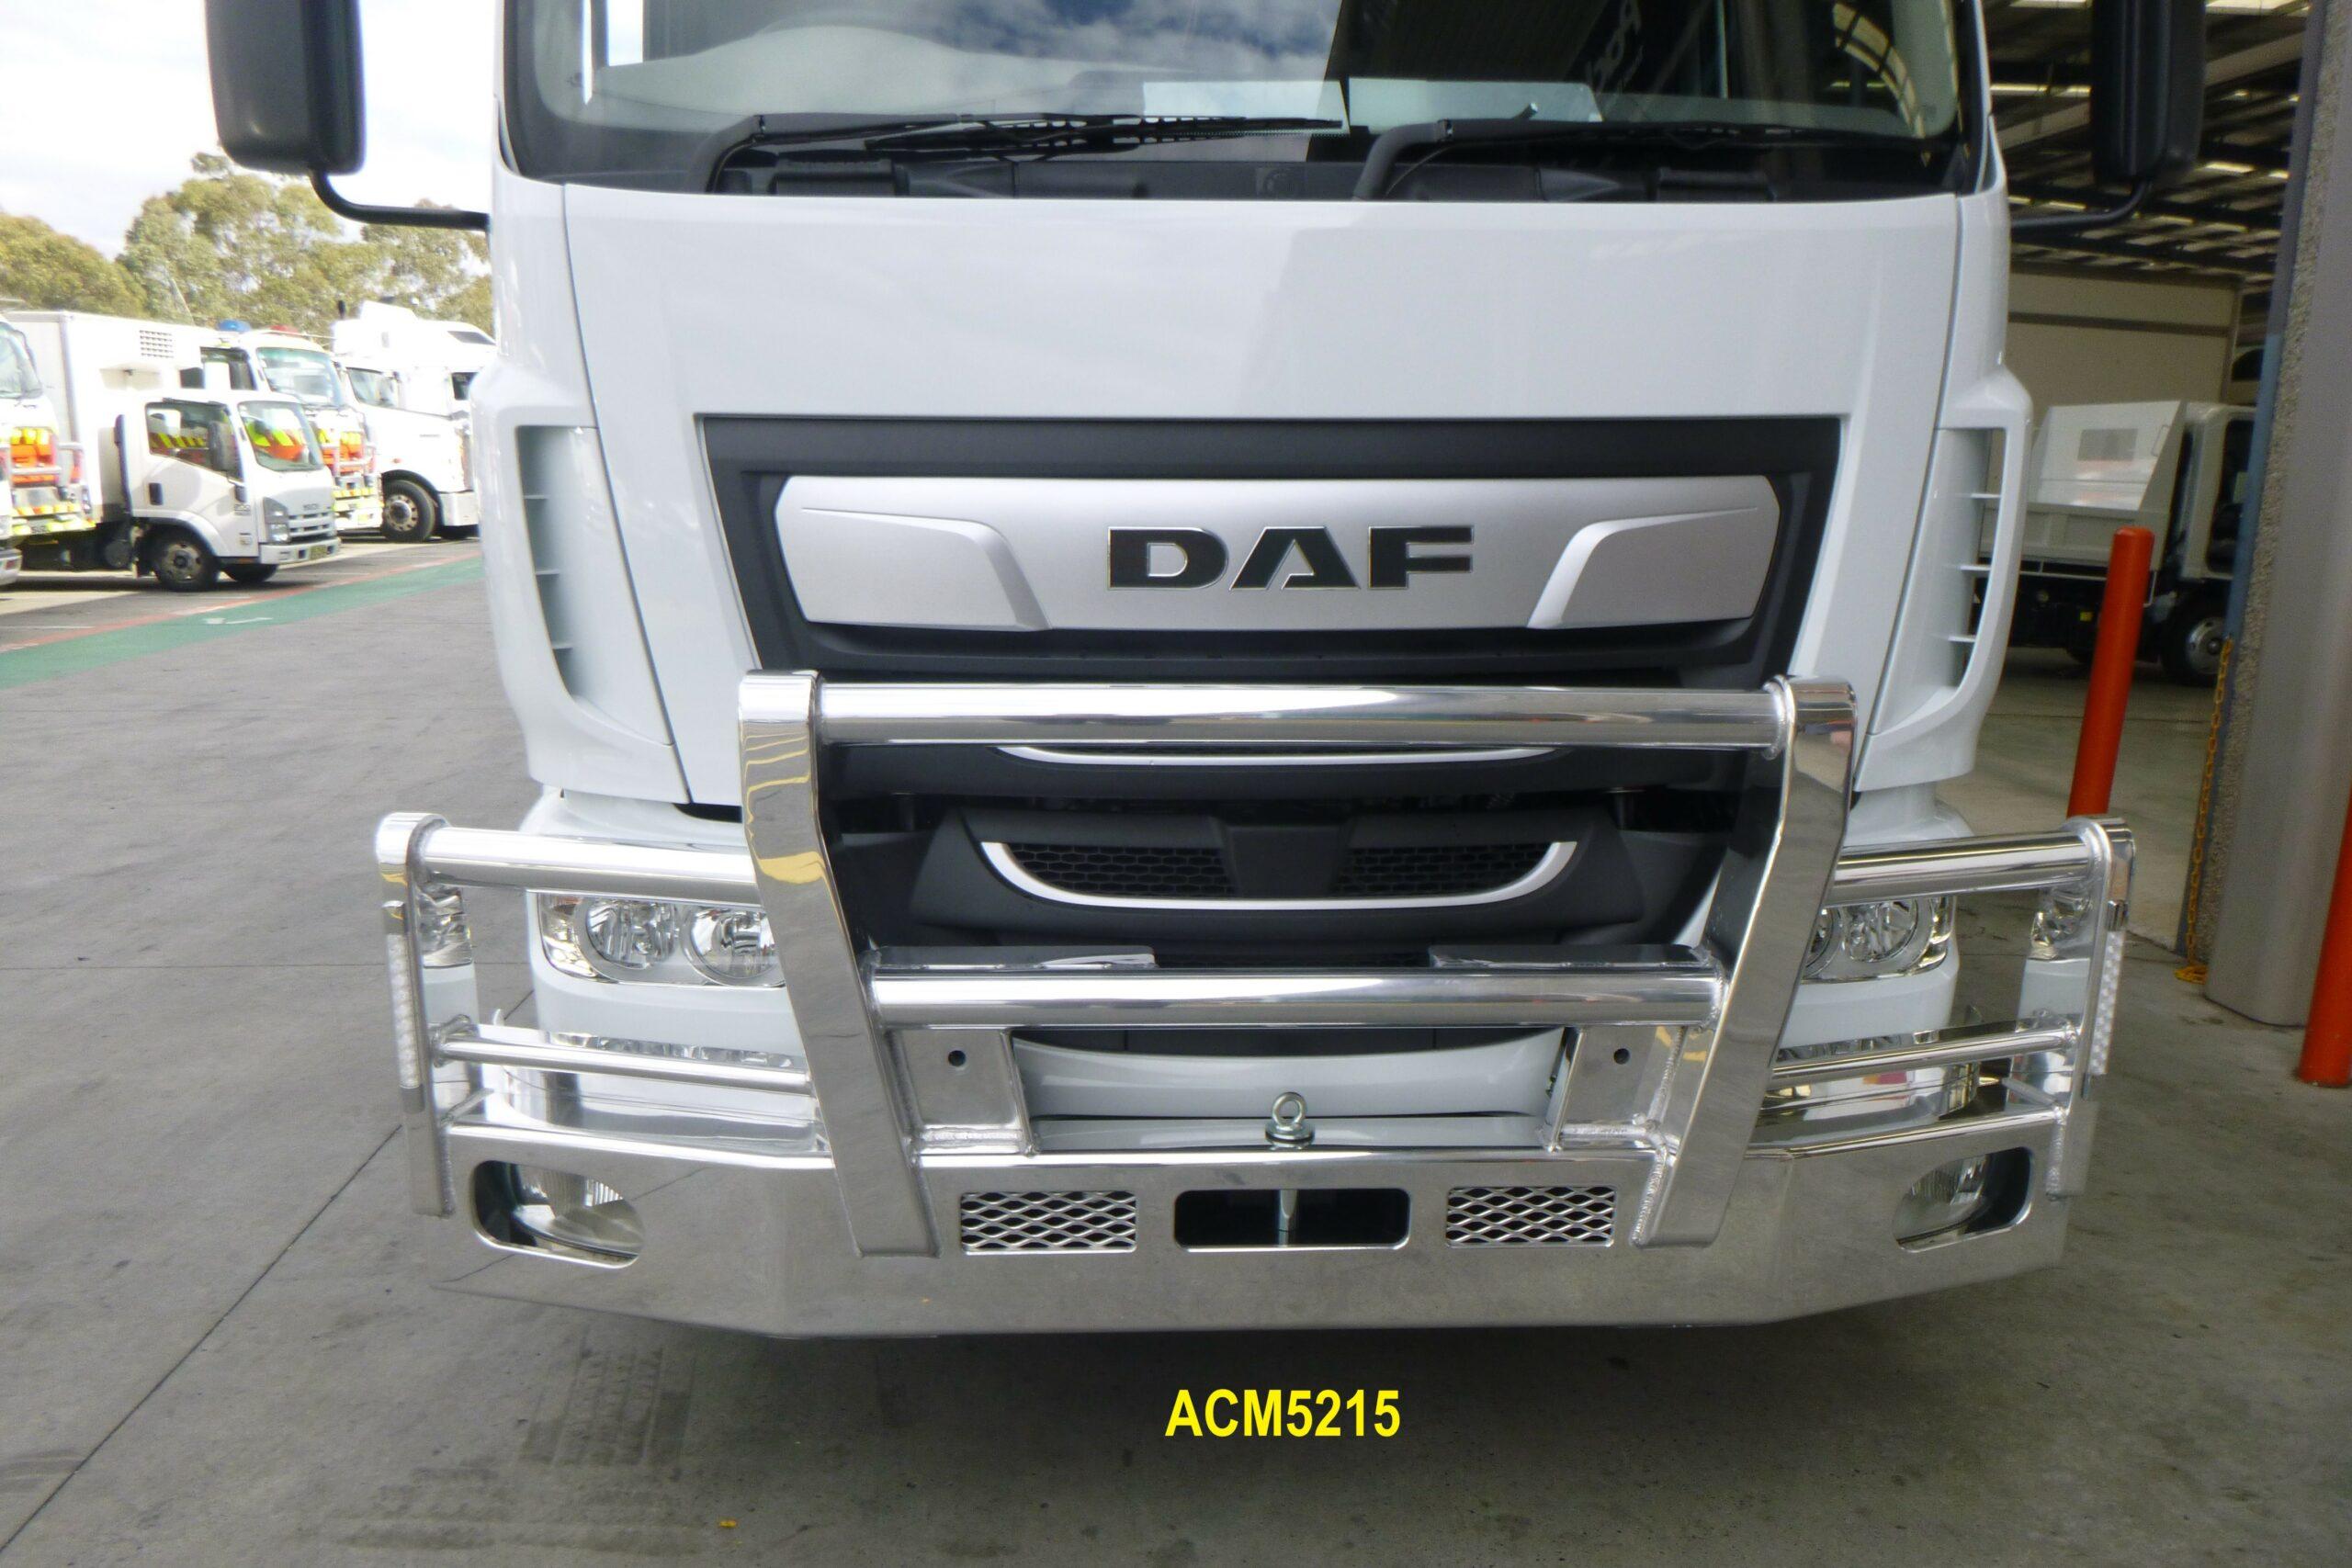 Acm5215 Ra Daf Lf280 290 Bullbar 01 Web